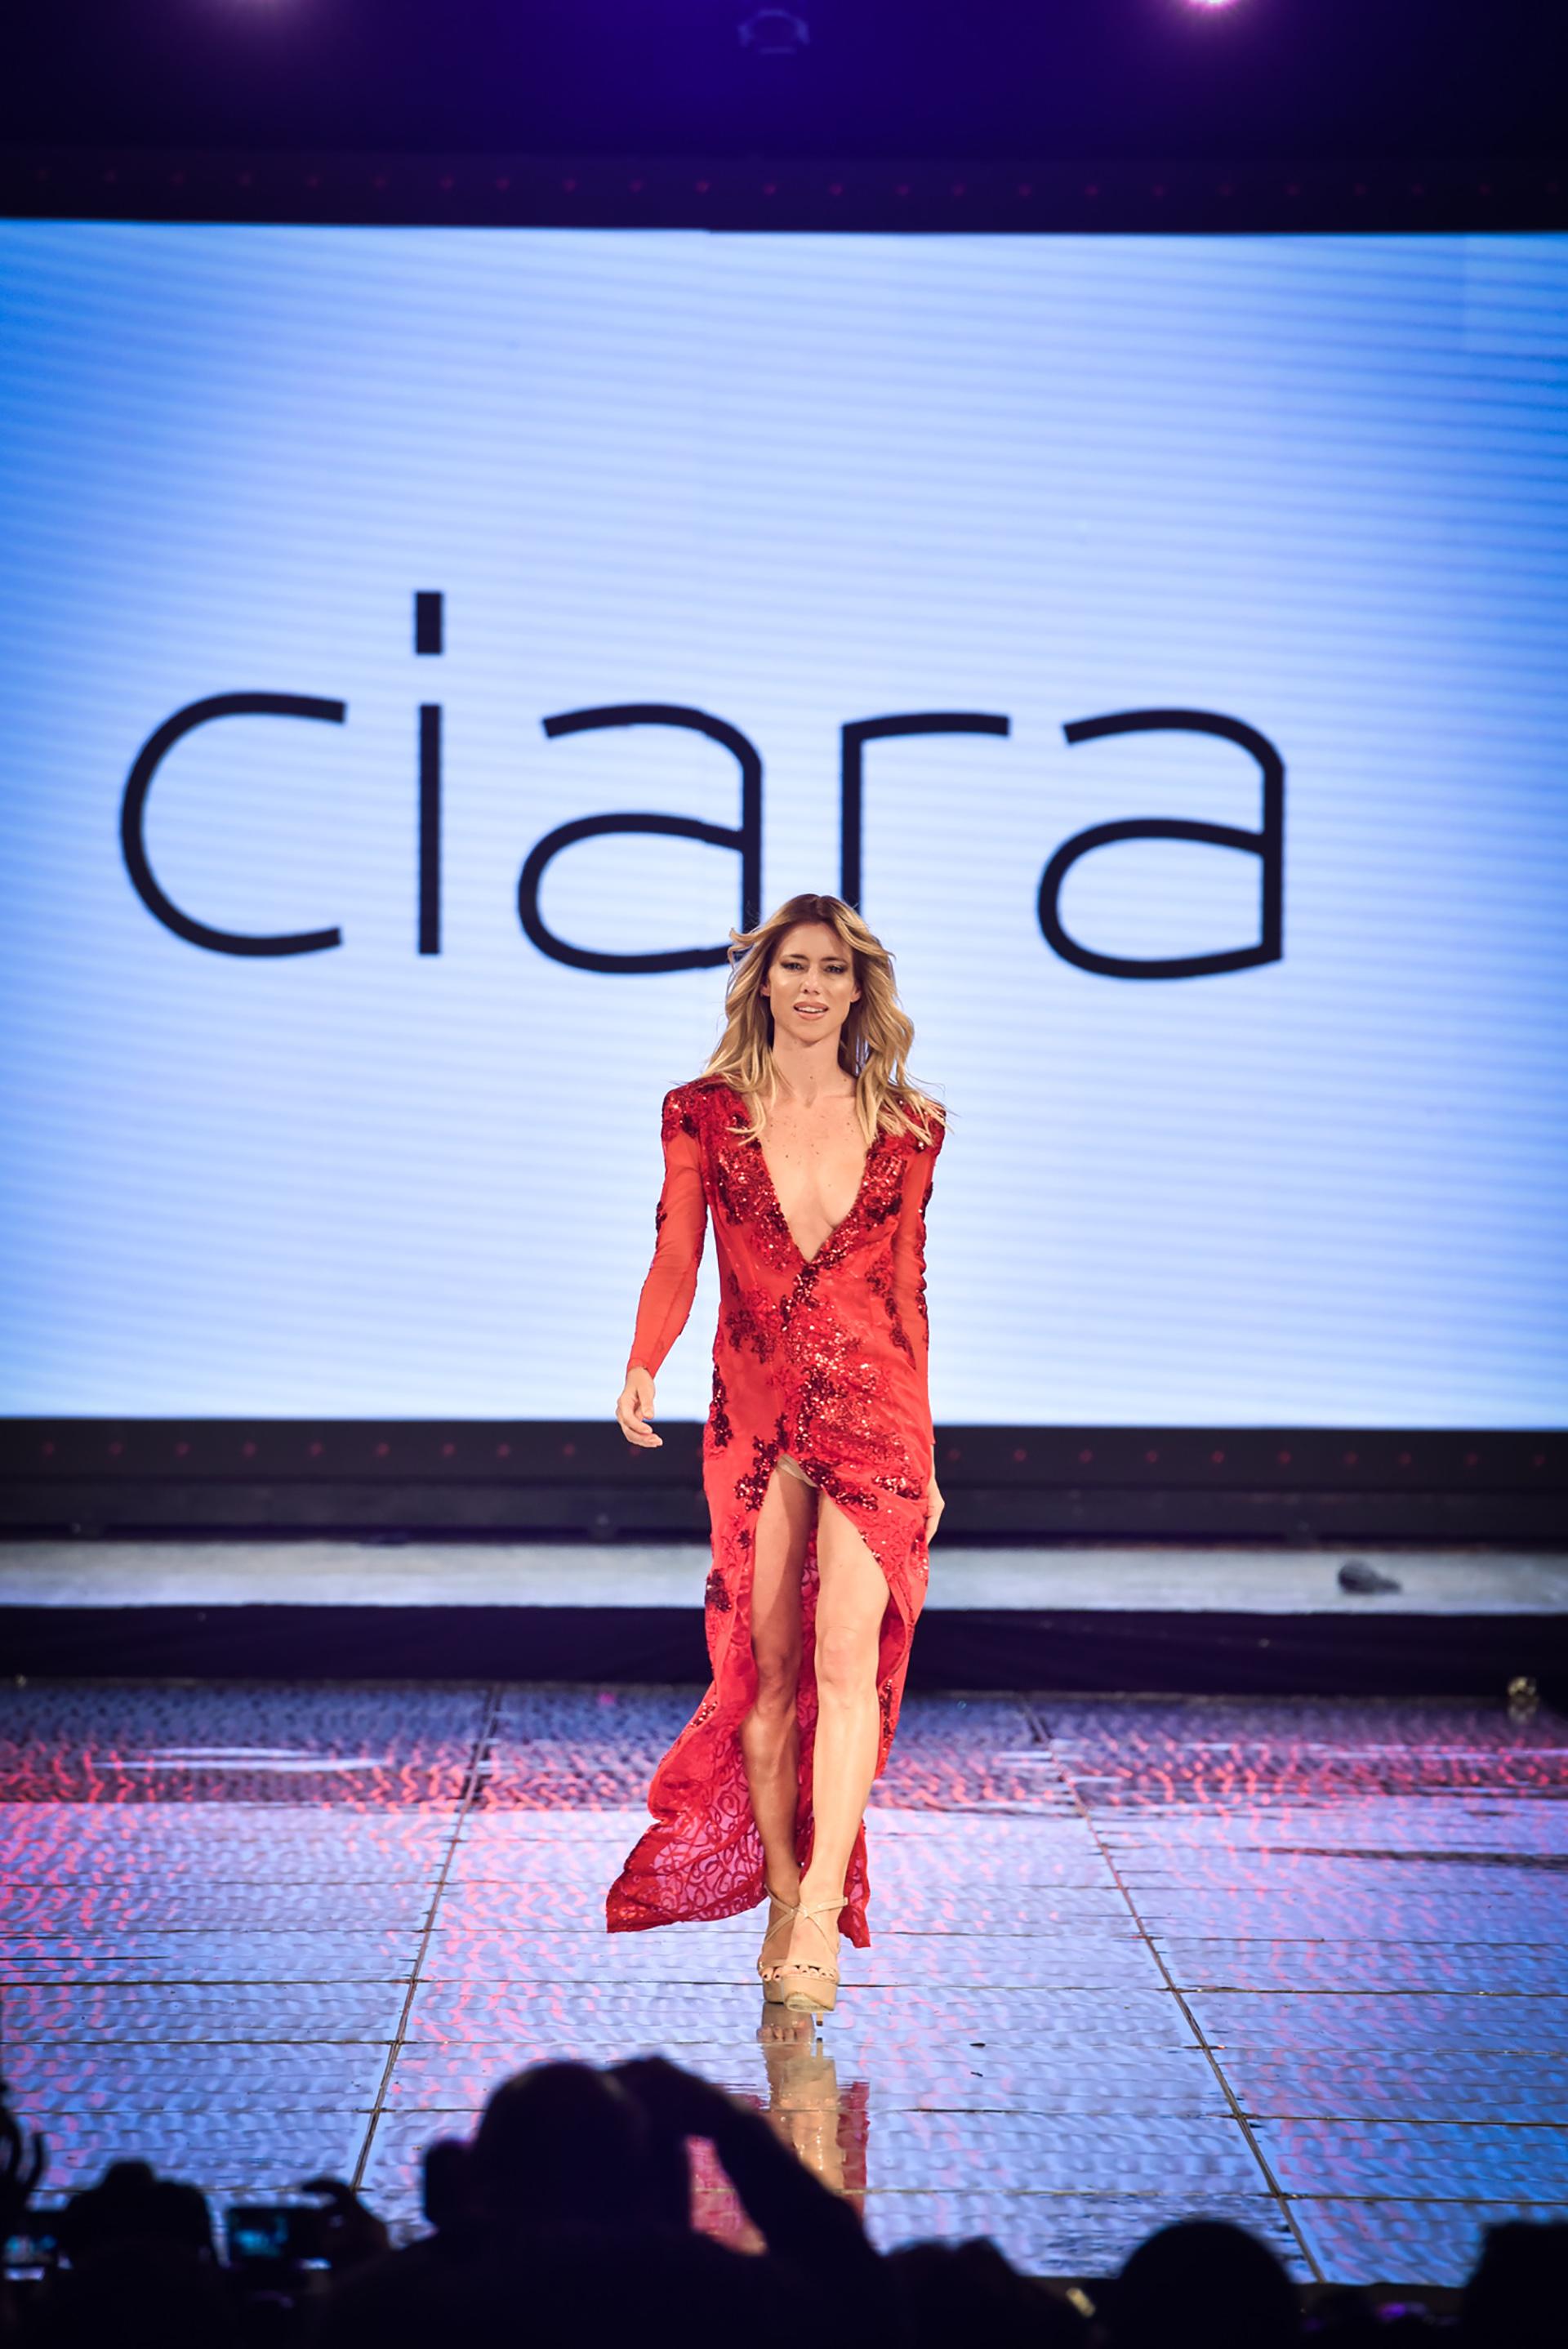 Con una colección de vestidos de fiesta, cortos y largos, de escotes pronunciados, transparencias y bordados, las diseñadoras de la marca buscaron realzar la sensualidad femenina